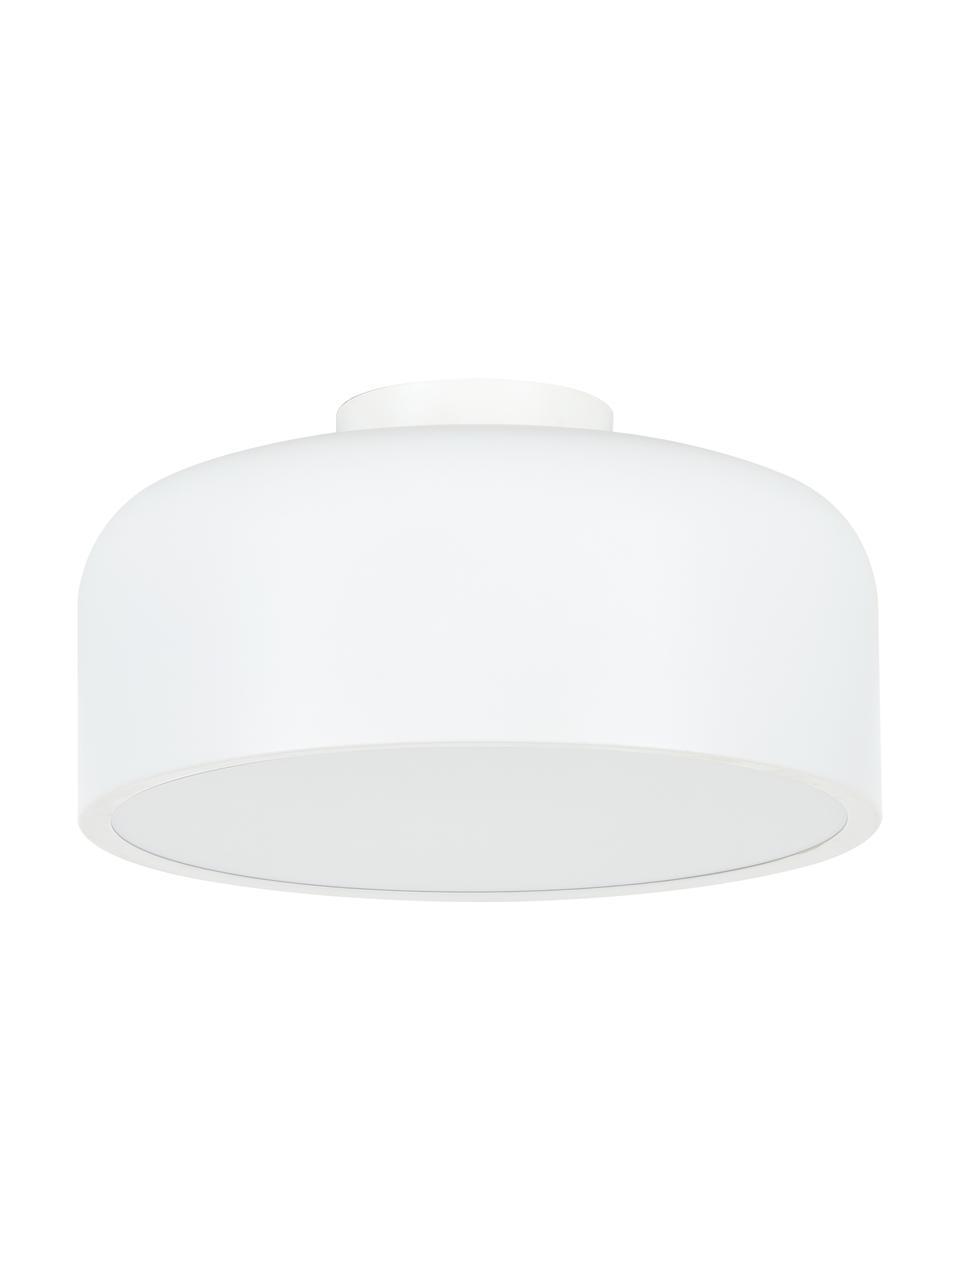 Plafondlamp Ole van metaal, Lampenkap: gepoedercoat metaal, Baldakijn: gepoedercoat metaal, Diffuser: acryl, Mat wit, Ø 35 x H 18 cm